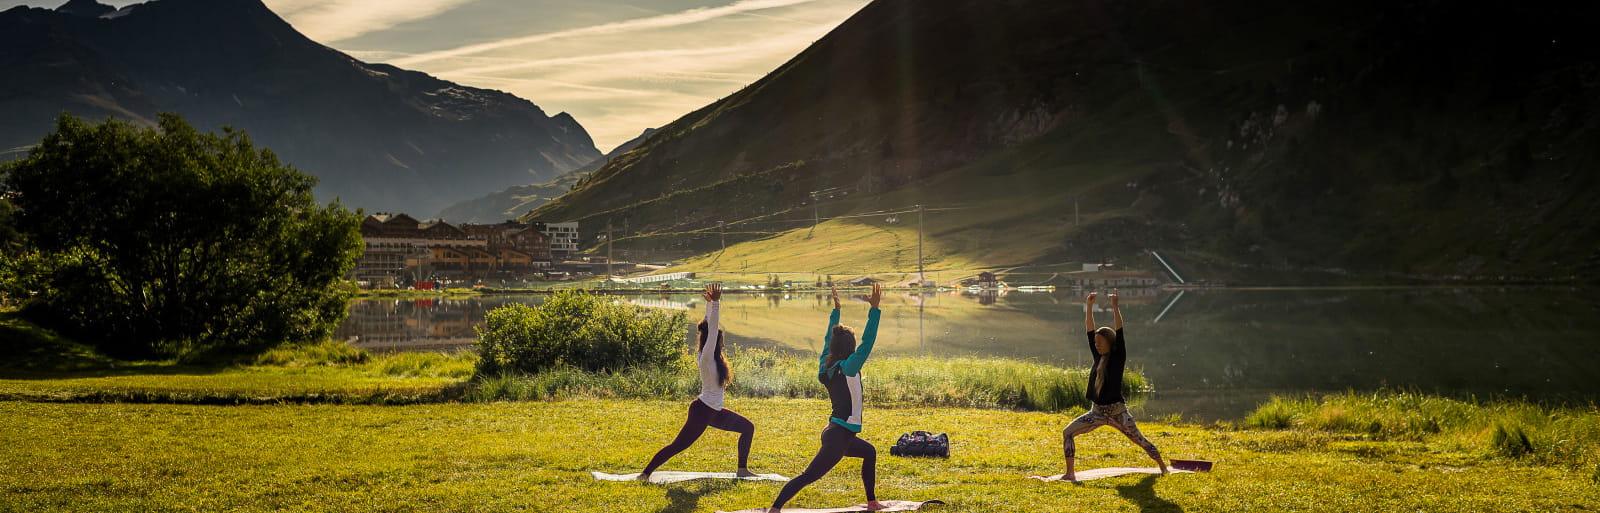 Les vacances zen en montagne